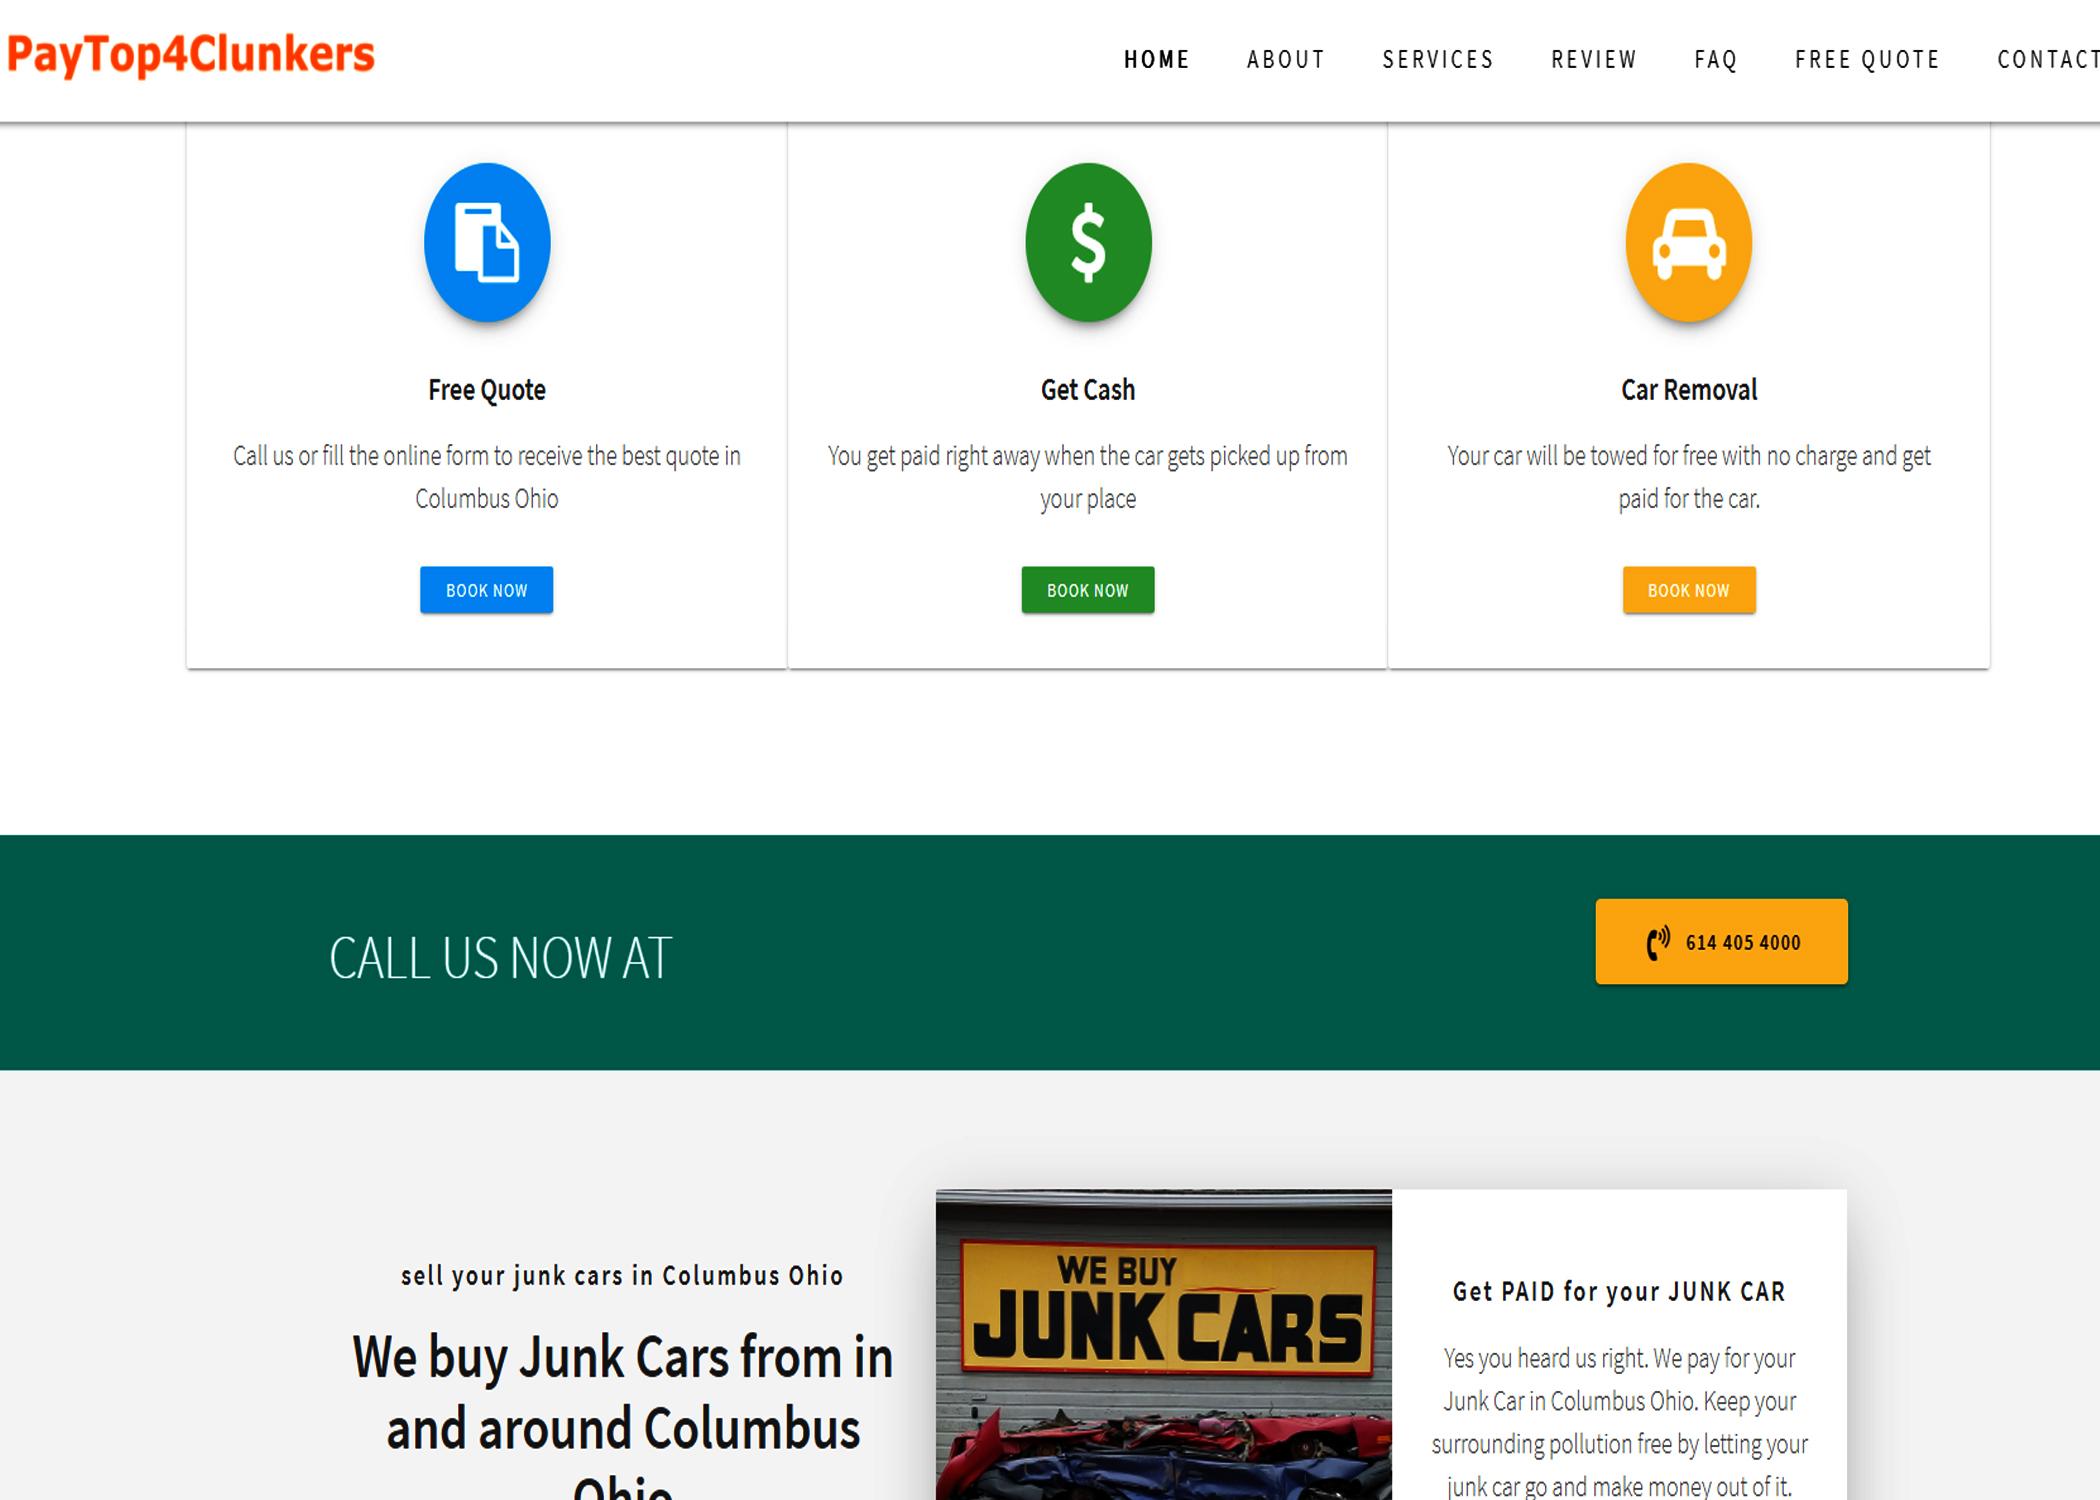 Portfolio - Digital Marketing service in Columbus Ohio